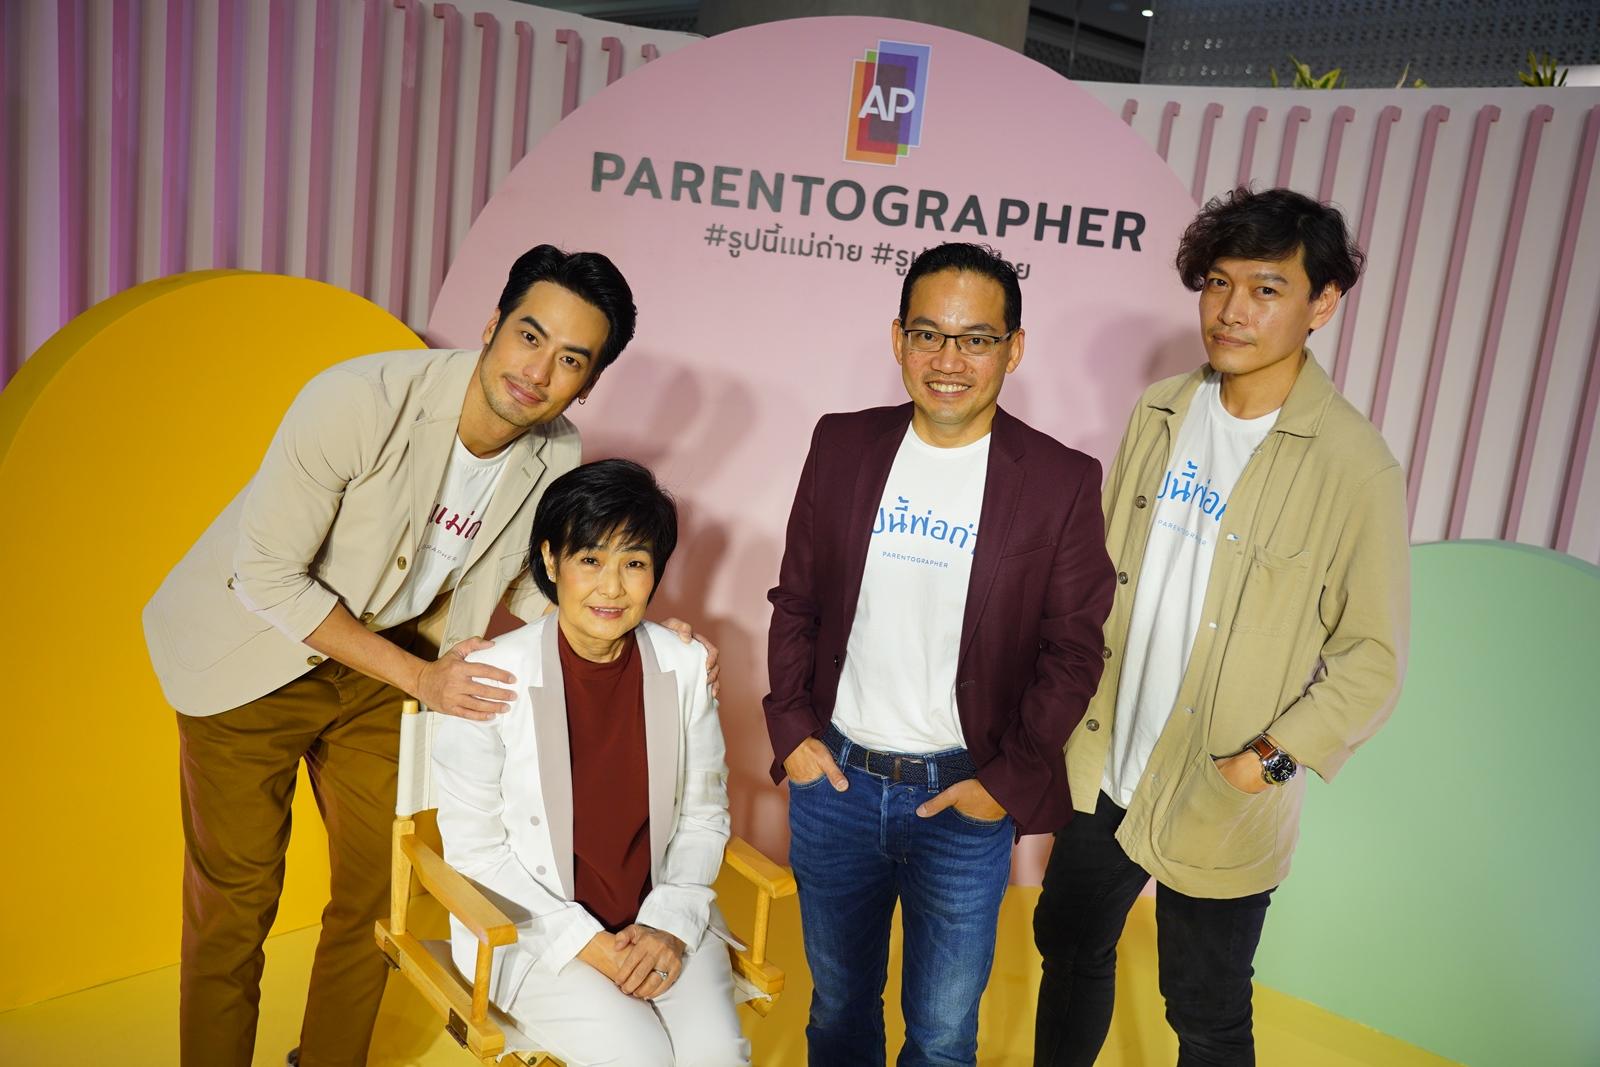 PARENTOGRAPHER